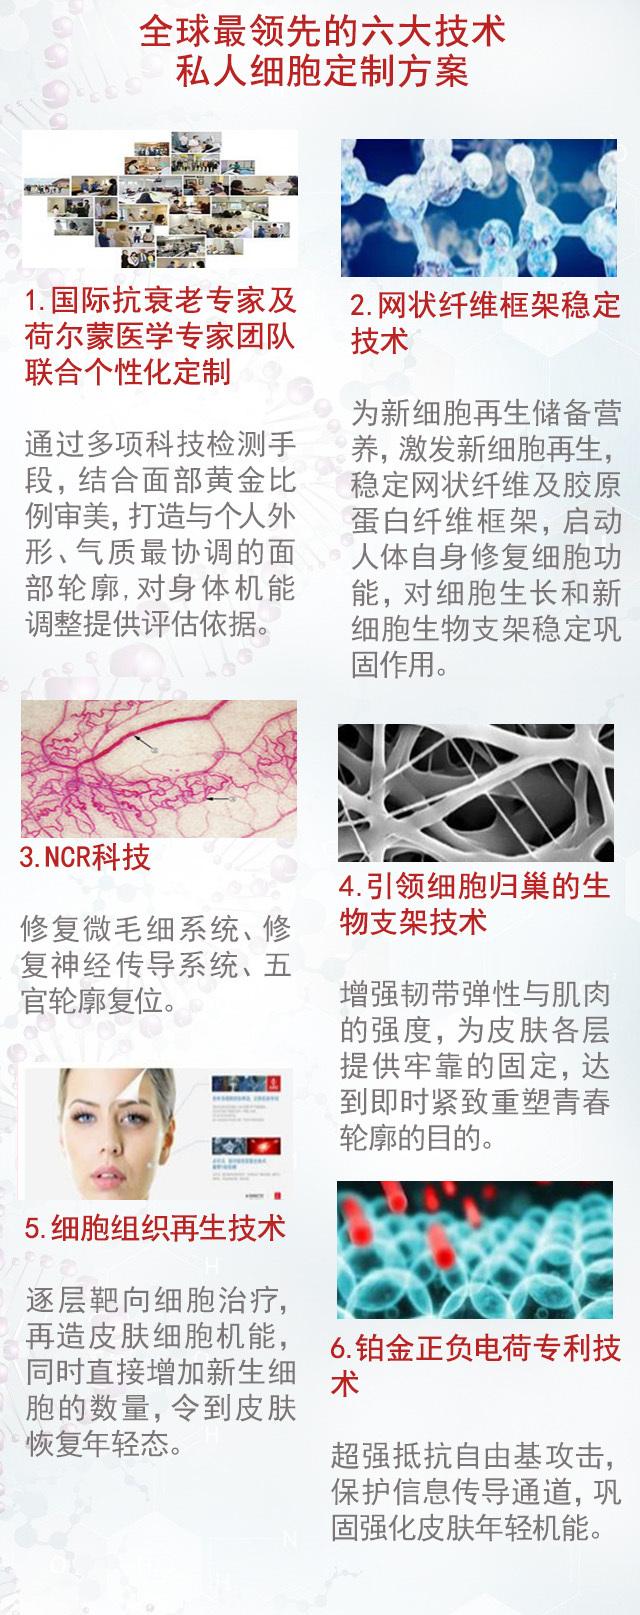 微科全球领先的六大技术,私人细胞定制方案